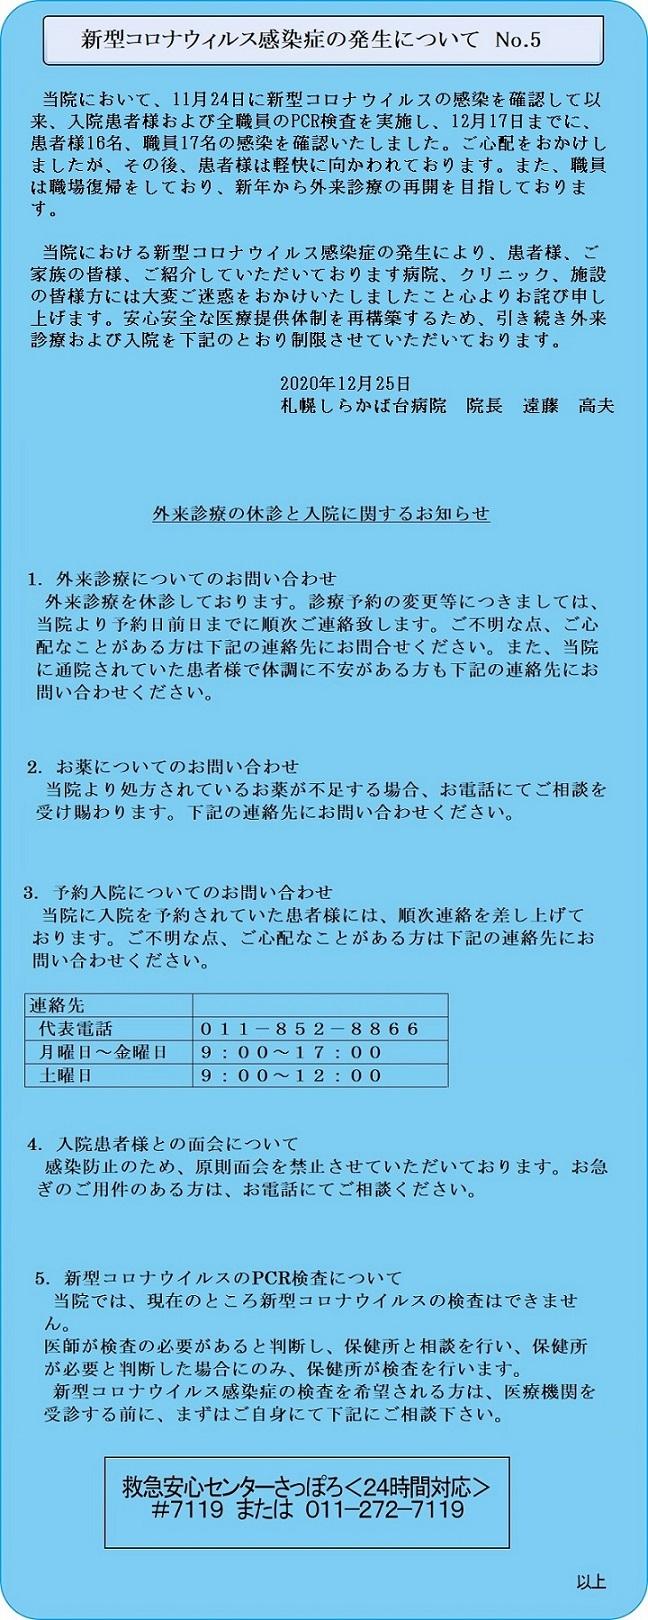 札幌 新型 コロナ ウイルス 病院